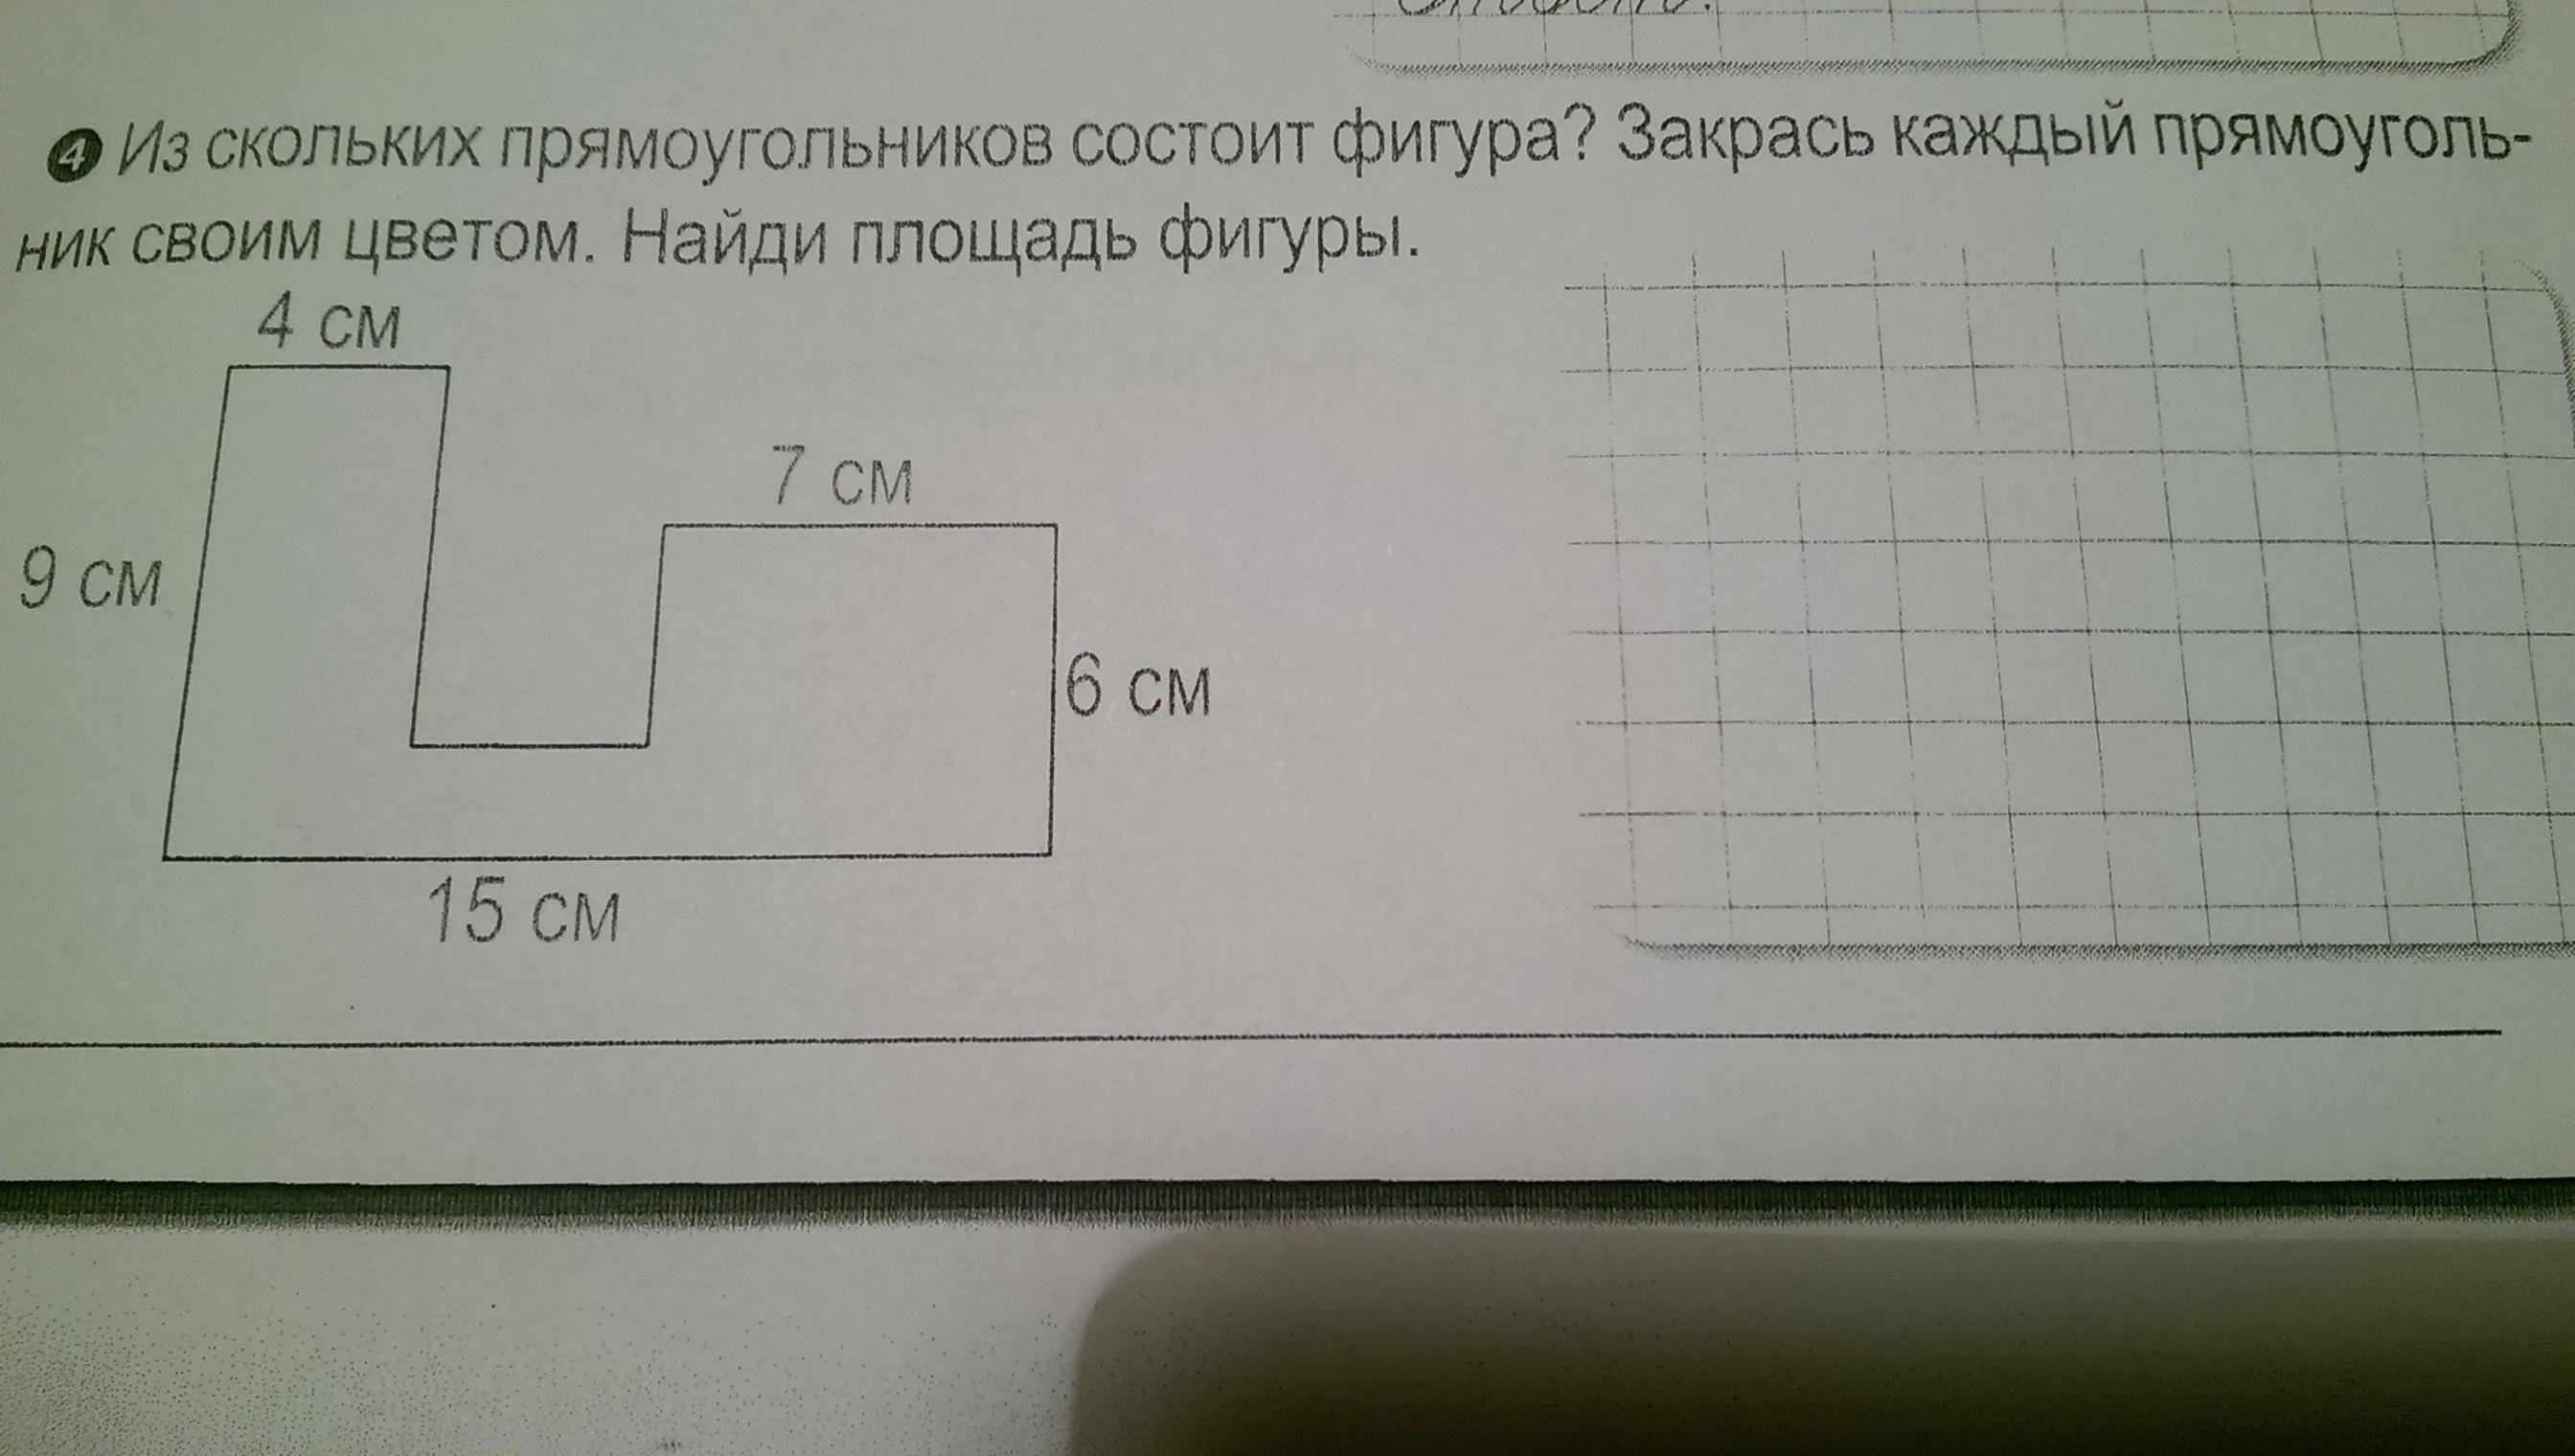 Как решить задачу:из скольких прямоугольников состоит фигура?Закрась каждый прямоугольник своим цвет